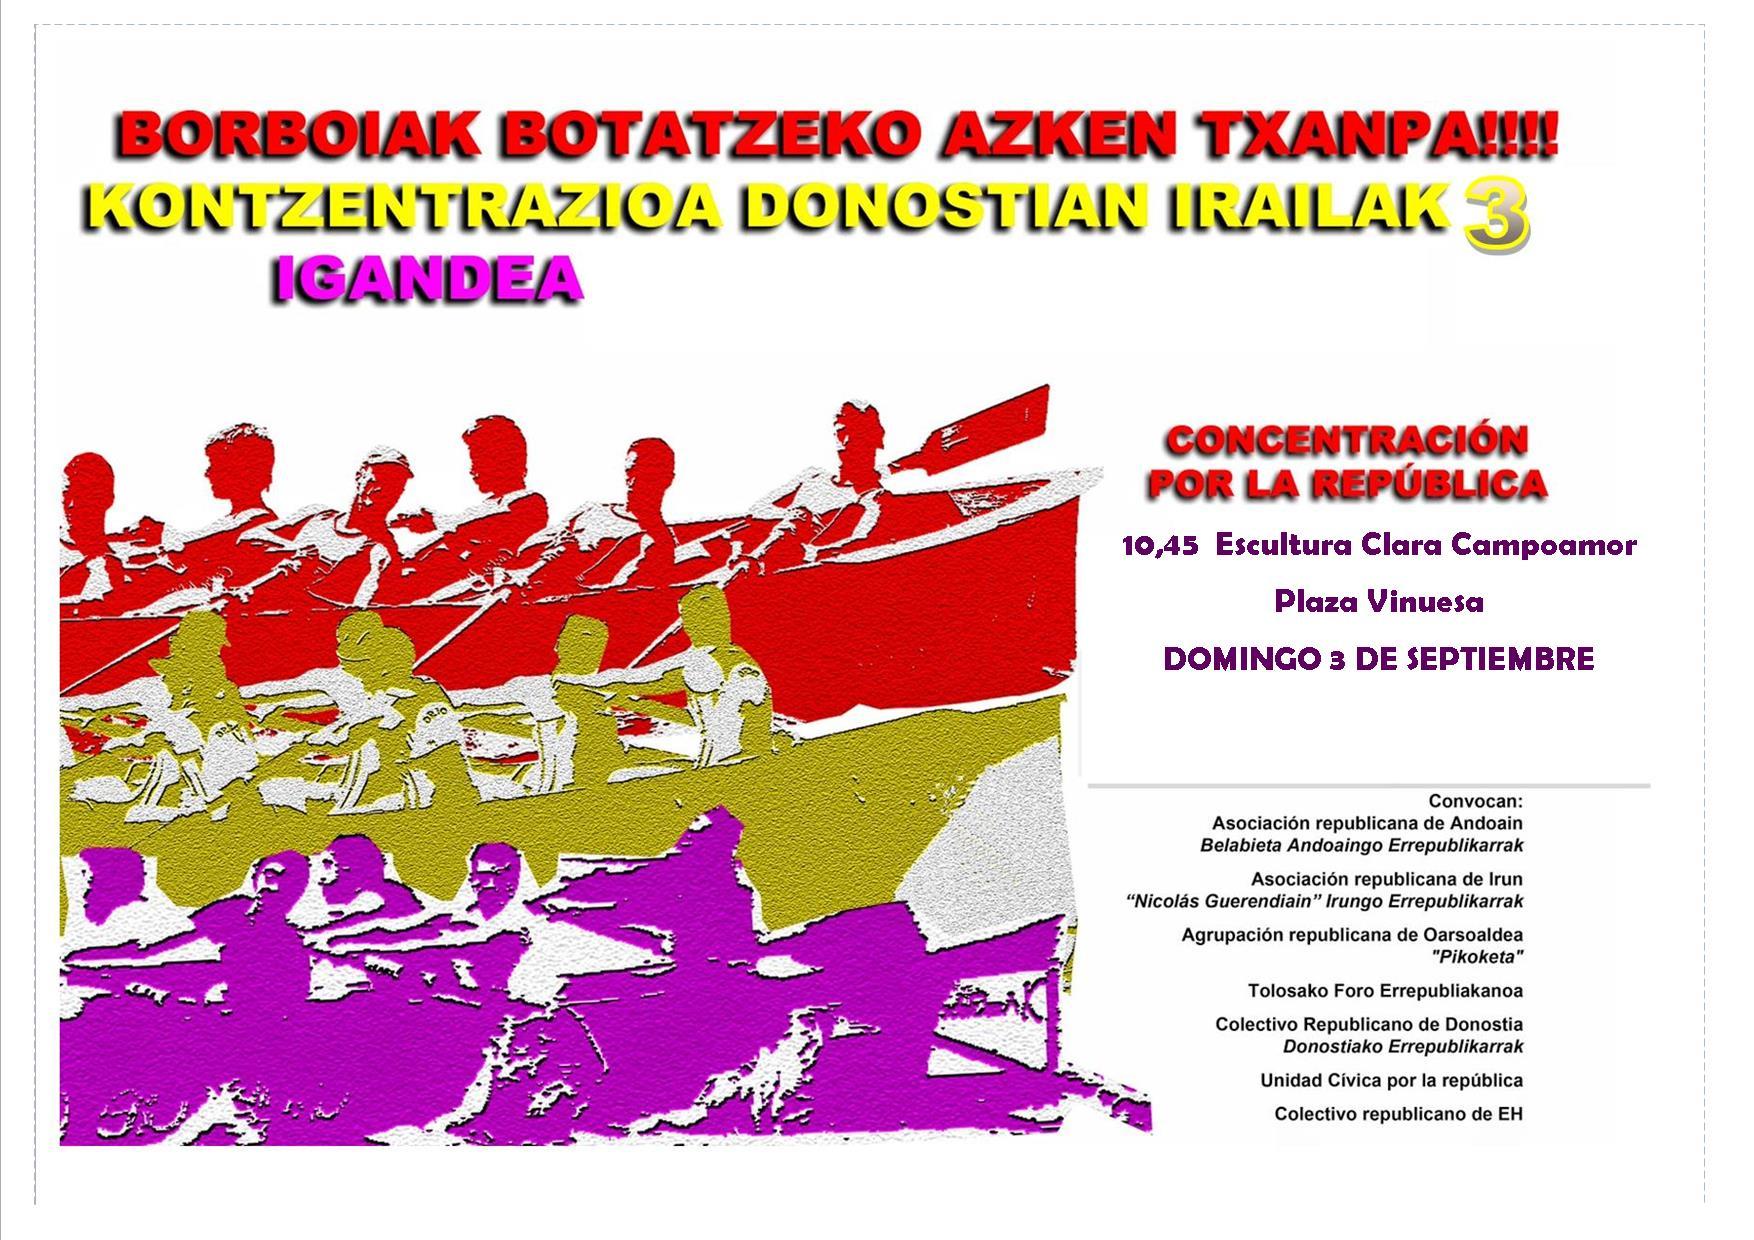 Este domingo concentración por la República en Donostia